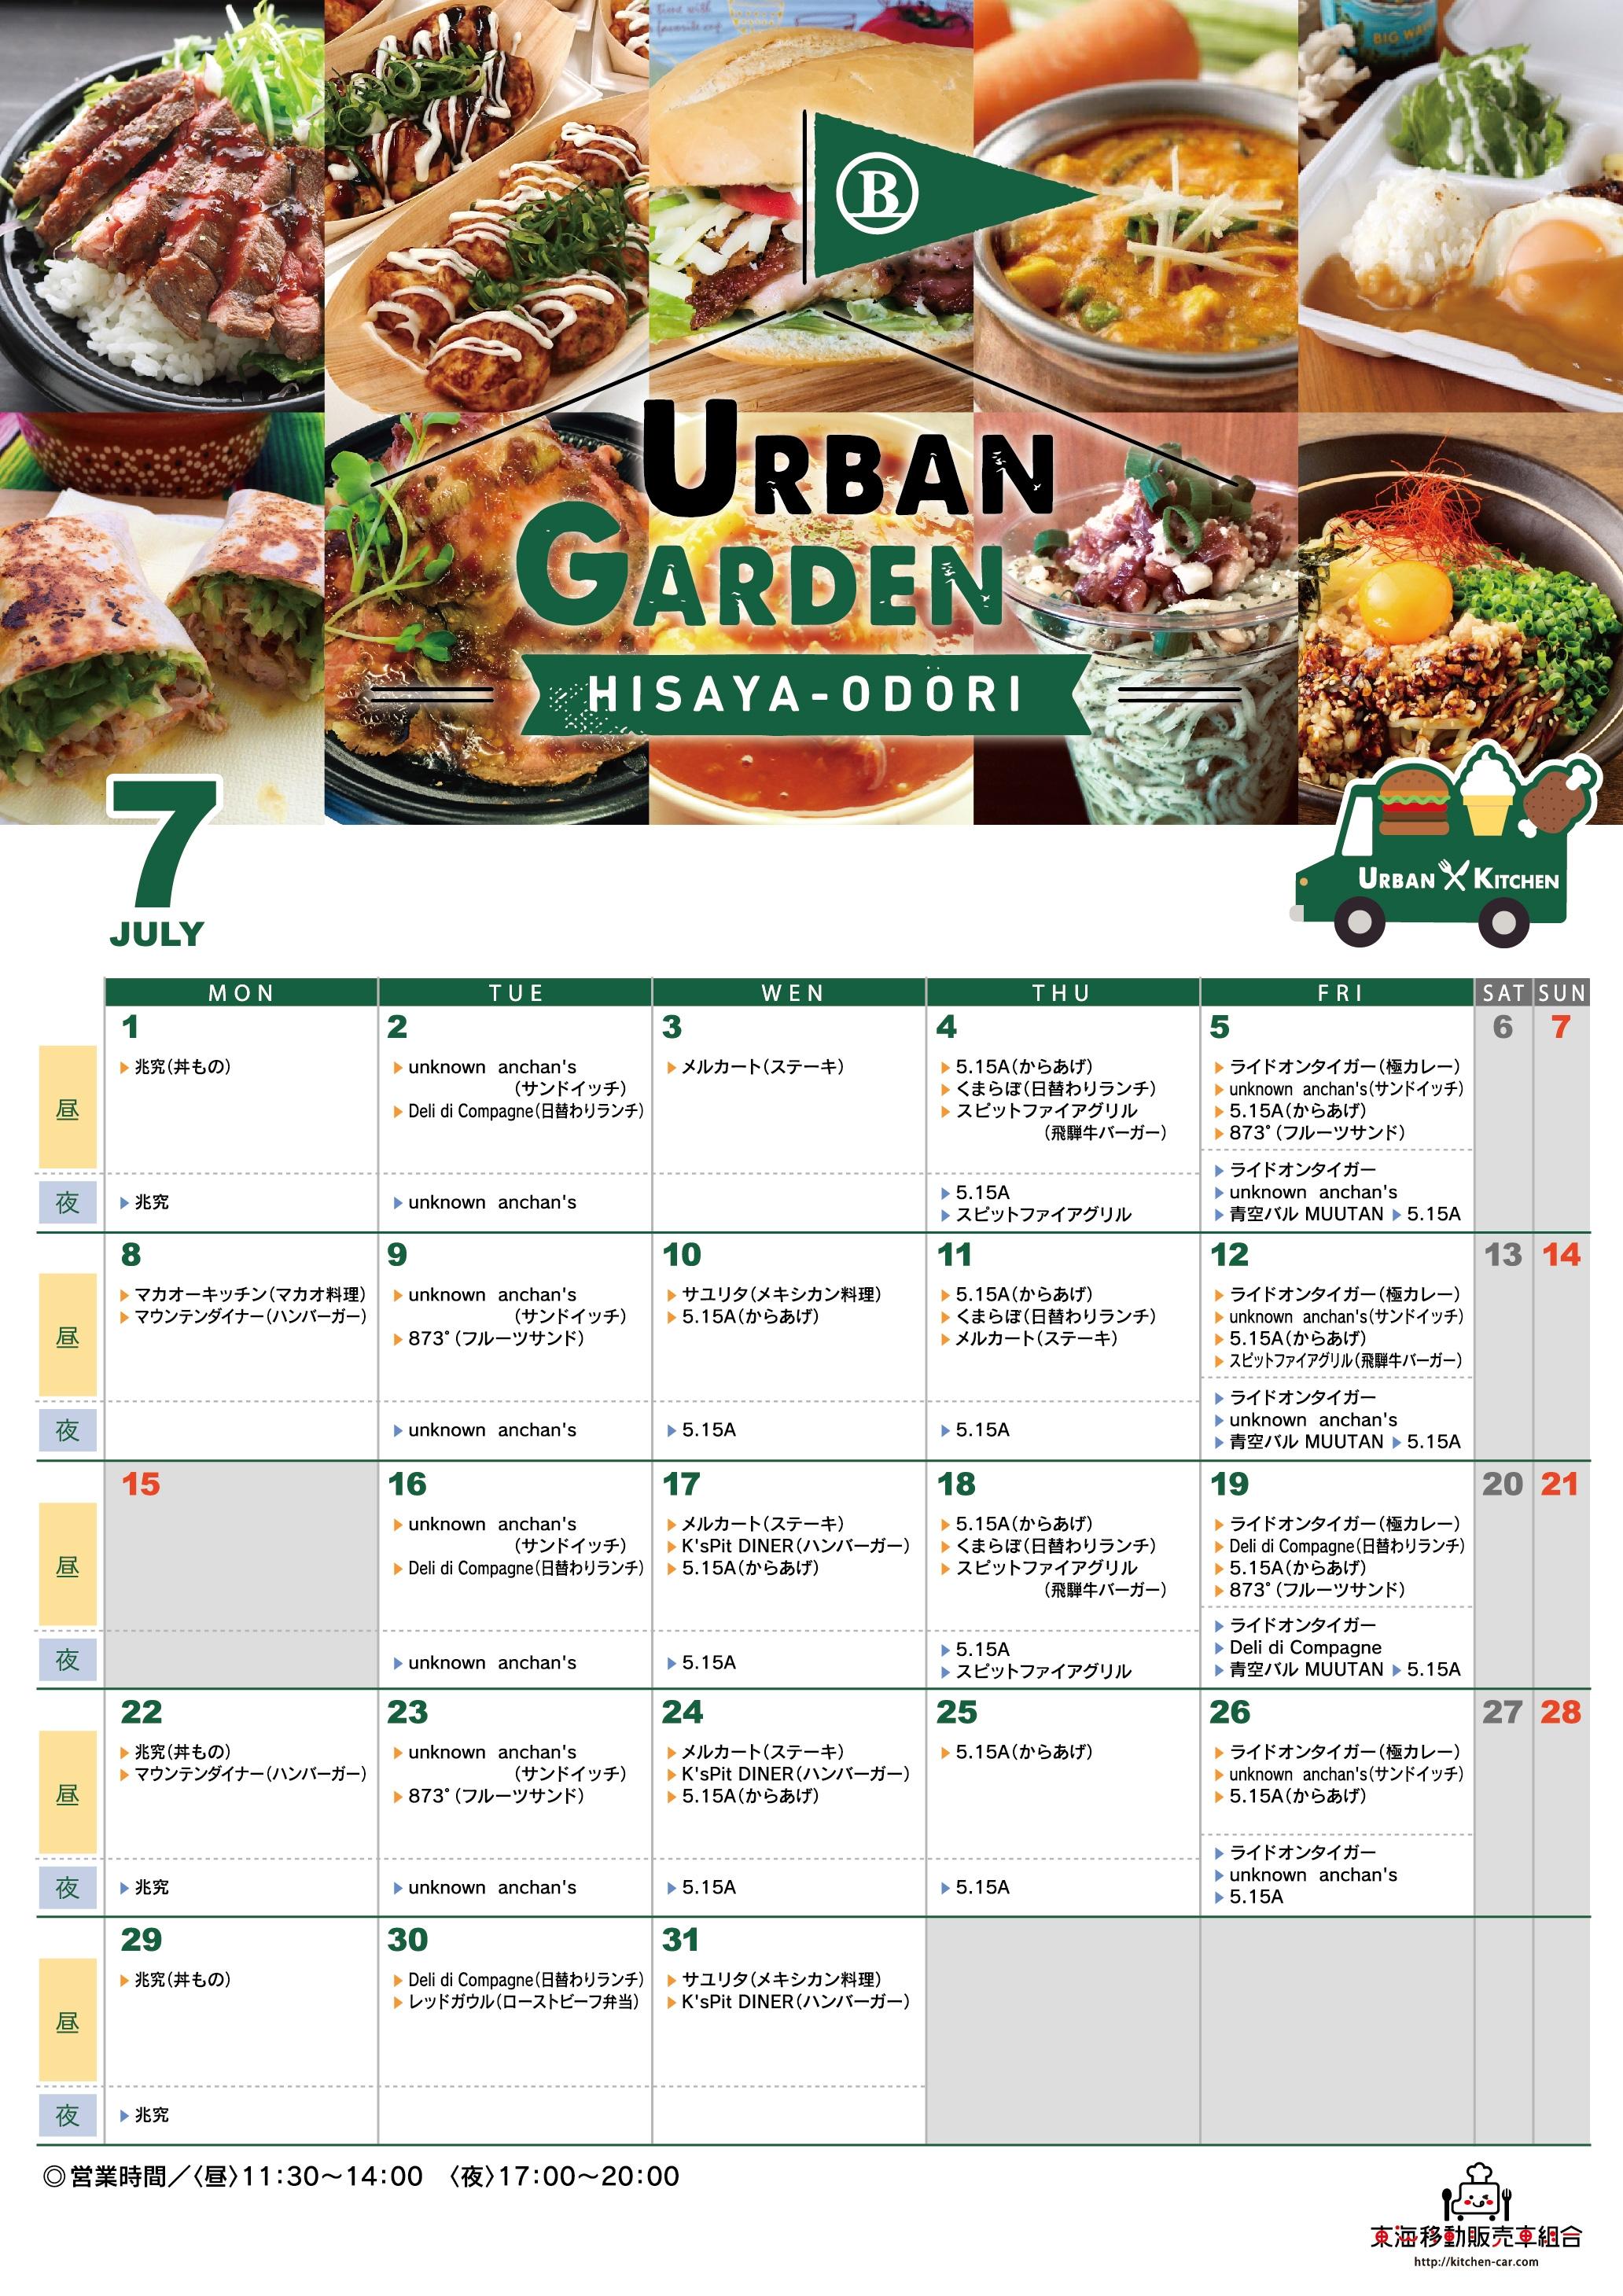 【東海移動販売車組合】7月 URBAN GARDEN HISAYA-ODORI 出店キッチンカー